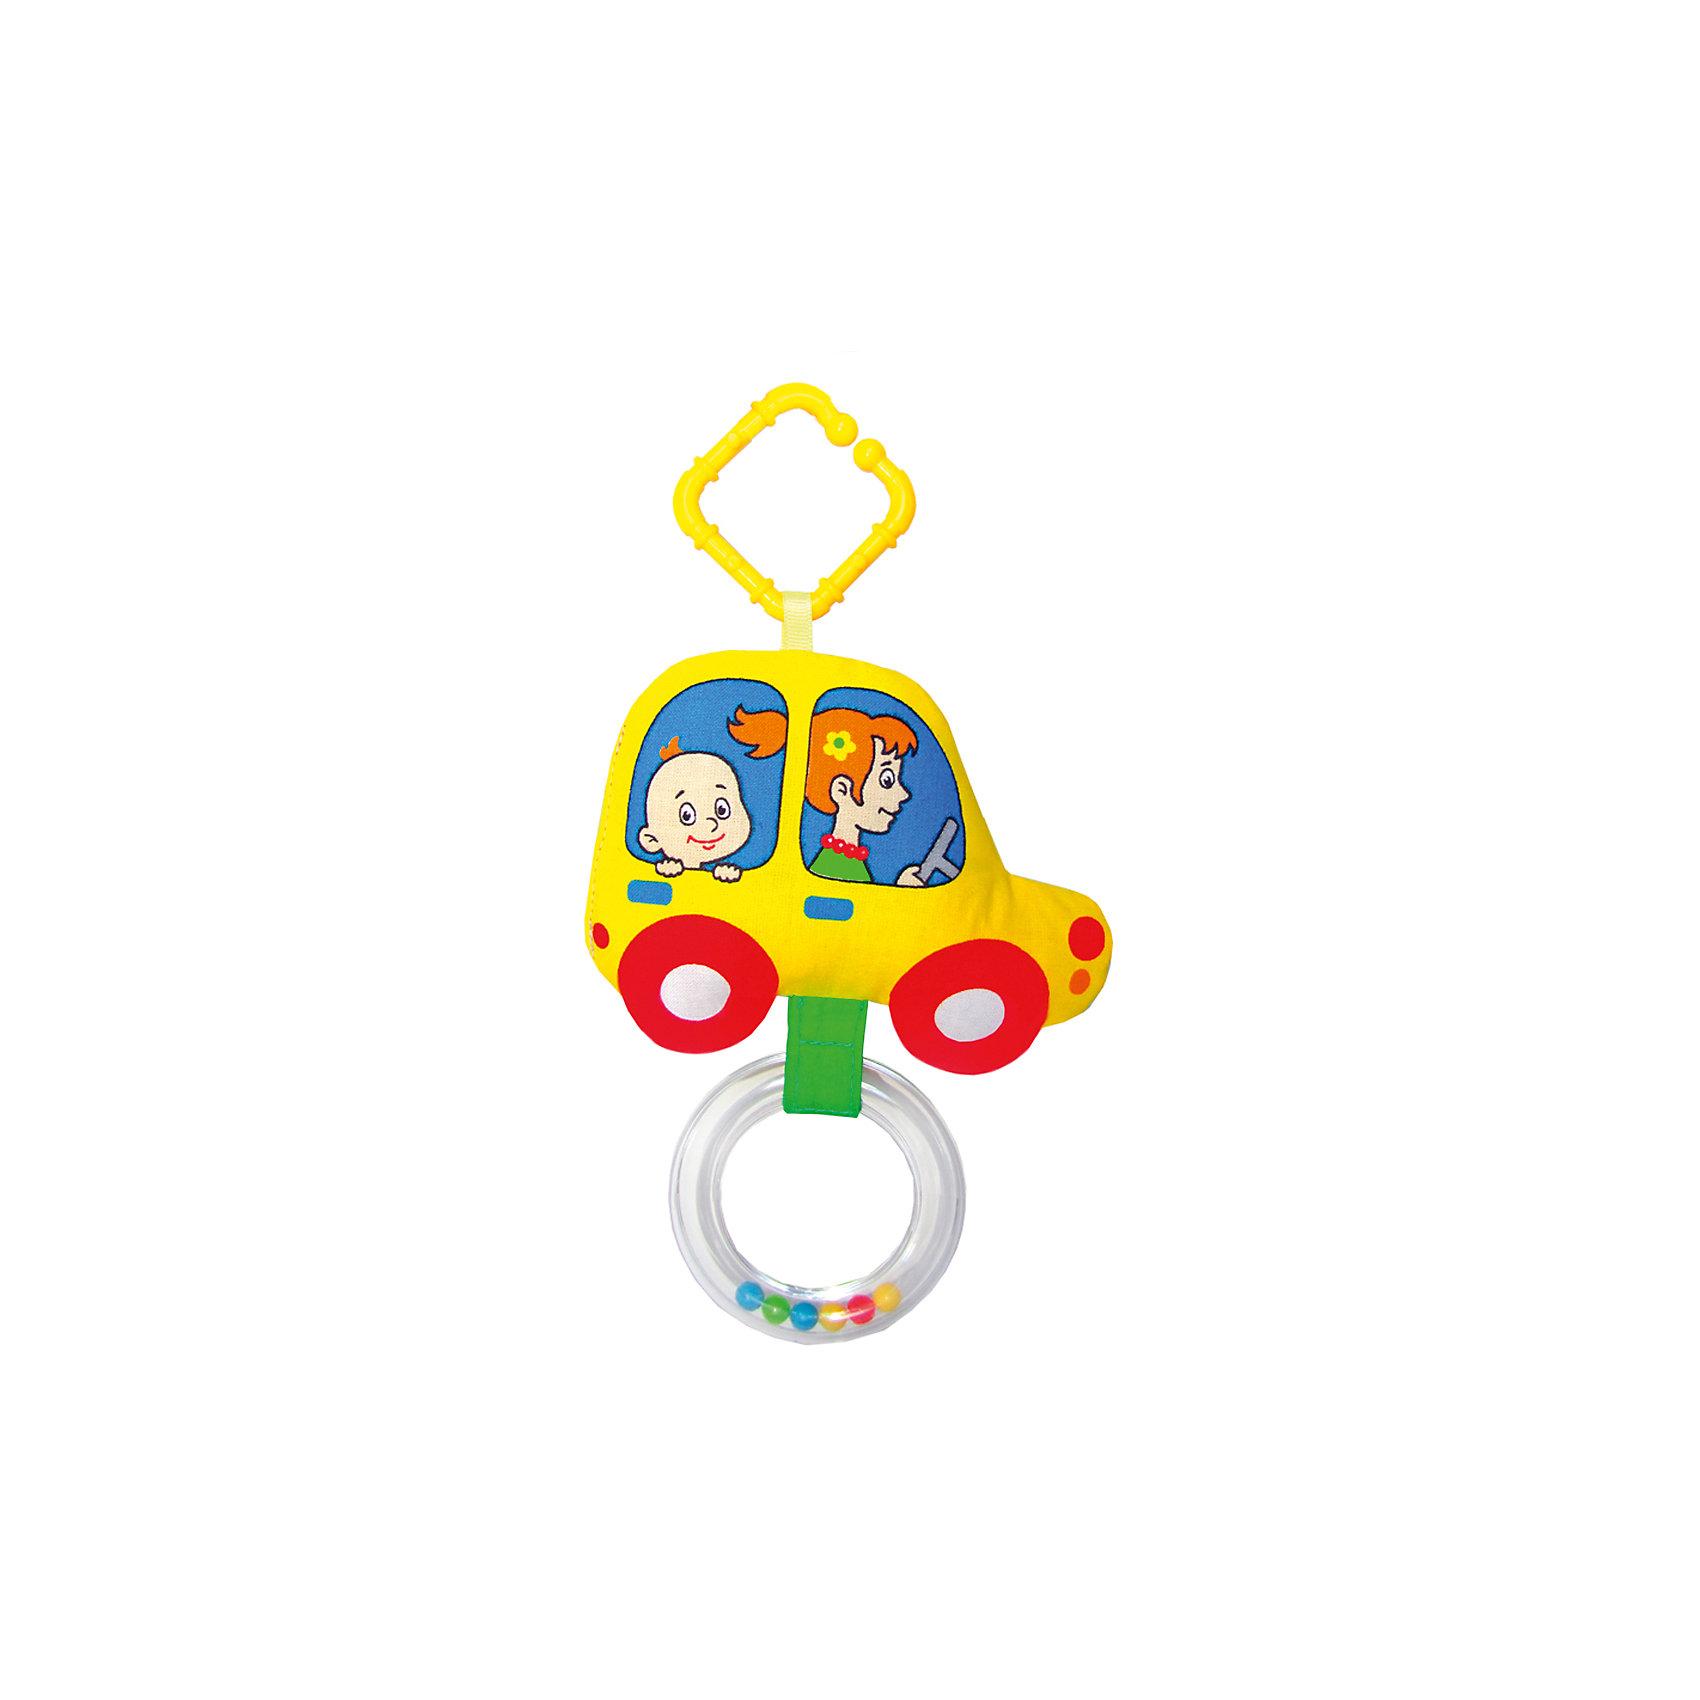 Мягкая развивающая подвеска «Машинка», МякишиМягкие игрушки<br>Характеристики товара:<br><br>• материал: разнофактурный текстиль, холлофайбер<br>• комплектация: 1 шт<br>• размер игрушки: 14х32х4 см<br>• погремушка<br>• липучка, пластмассовое колечко для подвешивания<br>• развивающая игрушка<br>• упаковка: картон<br>• страна бренда: РФ<br>• страна изготовитель: РФ<br><br>Малыши активно познают мир и тянутся к новой информации. Чтобы сделать процесс изучения окружающего пространства интереснее, ребенку можно подарить развивающие игрушки. В процессе игры информация усваивается намного лучше!<br>Такие игрушки помогут занять малыша, играть ими приятно и весело. Одновременно они позволят познакомиться со многими цветами, фактурами, а также научиться извлекать звук. Подобные игрушки развивают тактильные ощущения, моторику, цветовосприятие, логику, воображение, учат фокусировать внимание. Каждое изделие абсолютно безопасно – оно создано из качественной ткани с мягким наполнителем. Игрушки производятся из качественных и проверенных материалов, которые безопасны для детей.<br><br>Мягкую развивающую подвеску «Машинка» от бренда Мякиши можно купить в нашем интернет-магазине.<br><br>Ширина мм: 140<br>Глубина мм: 30<br>Высота мм: 290<br>Вес г: 80<br>Возраст от месяцев: 12<br>Возраст до месяцев: 36<br>Пол: Мужской<br>Возраст: Детский<br>SKU: 5183222